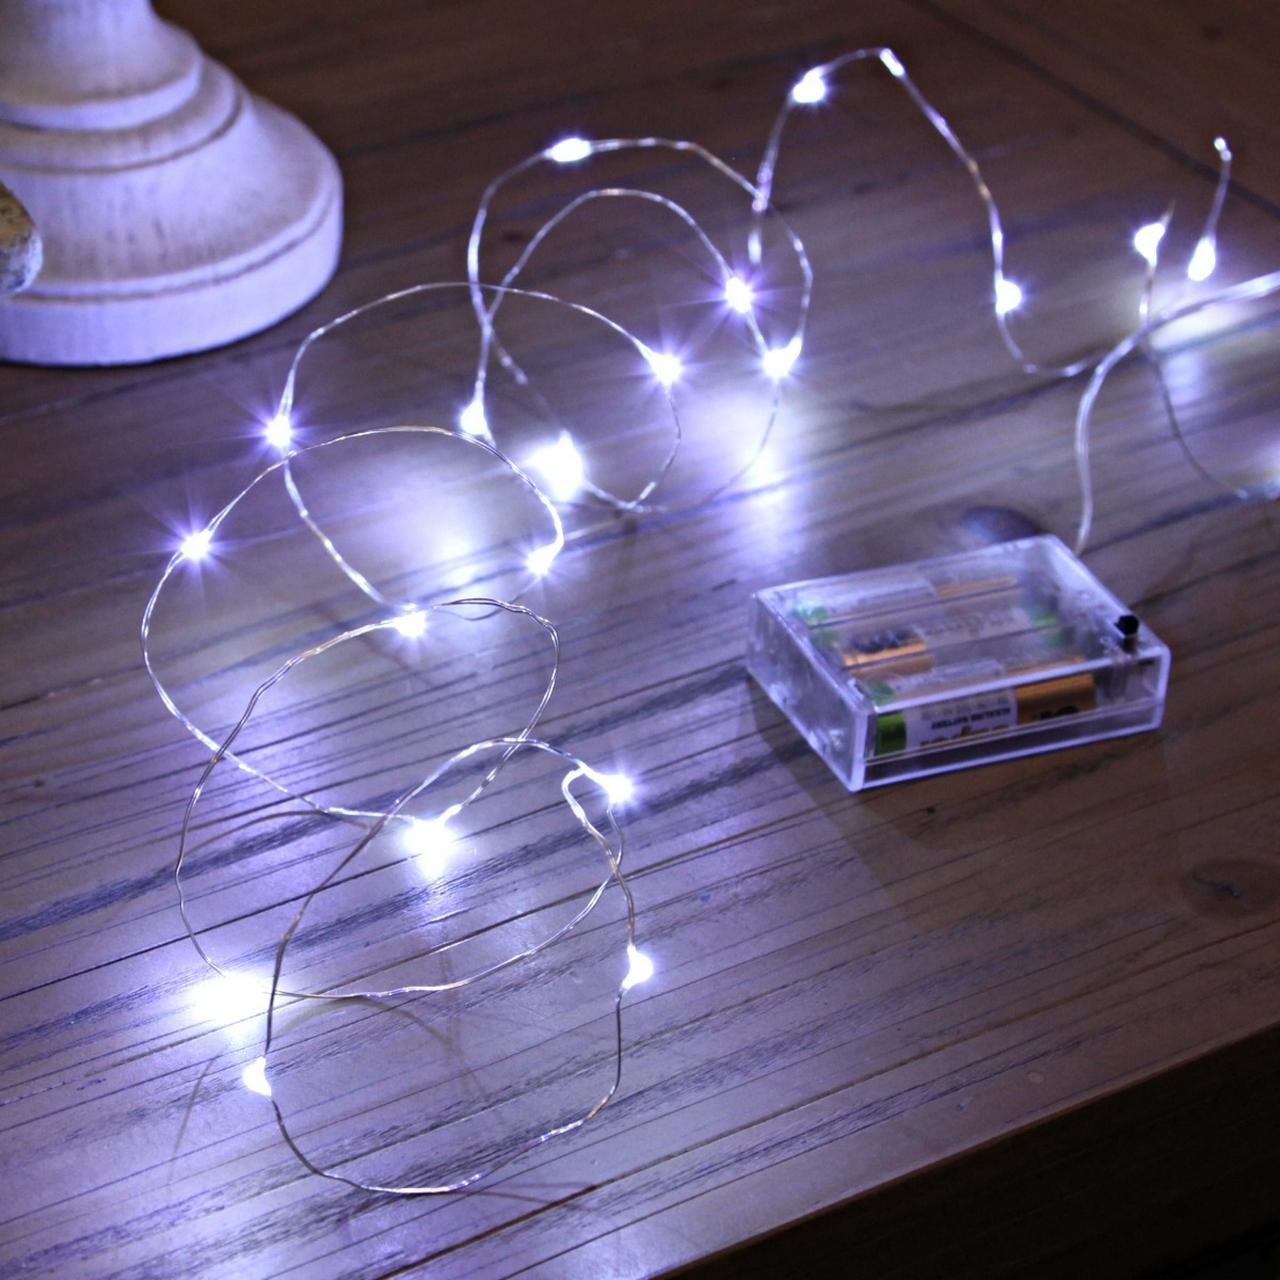 Гирлянда Нить на батарейках (2 метра, 20 LED), микронить на проволоке, гирлянда Роса, Капли росы, белый цвет